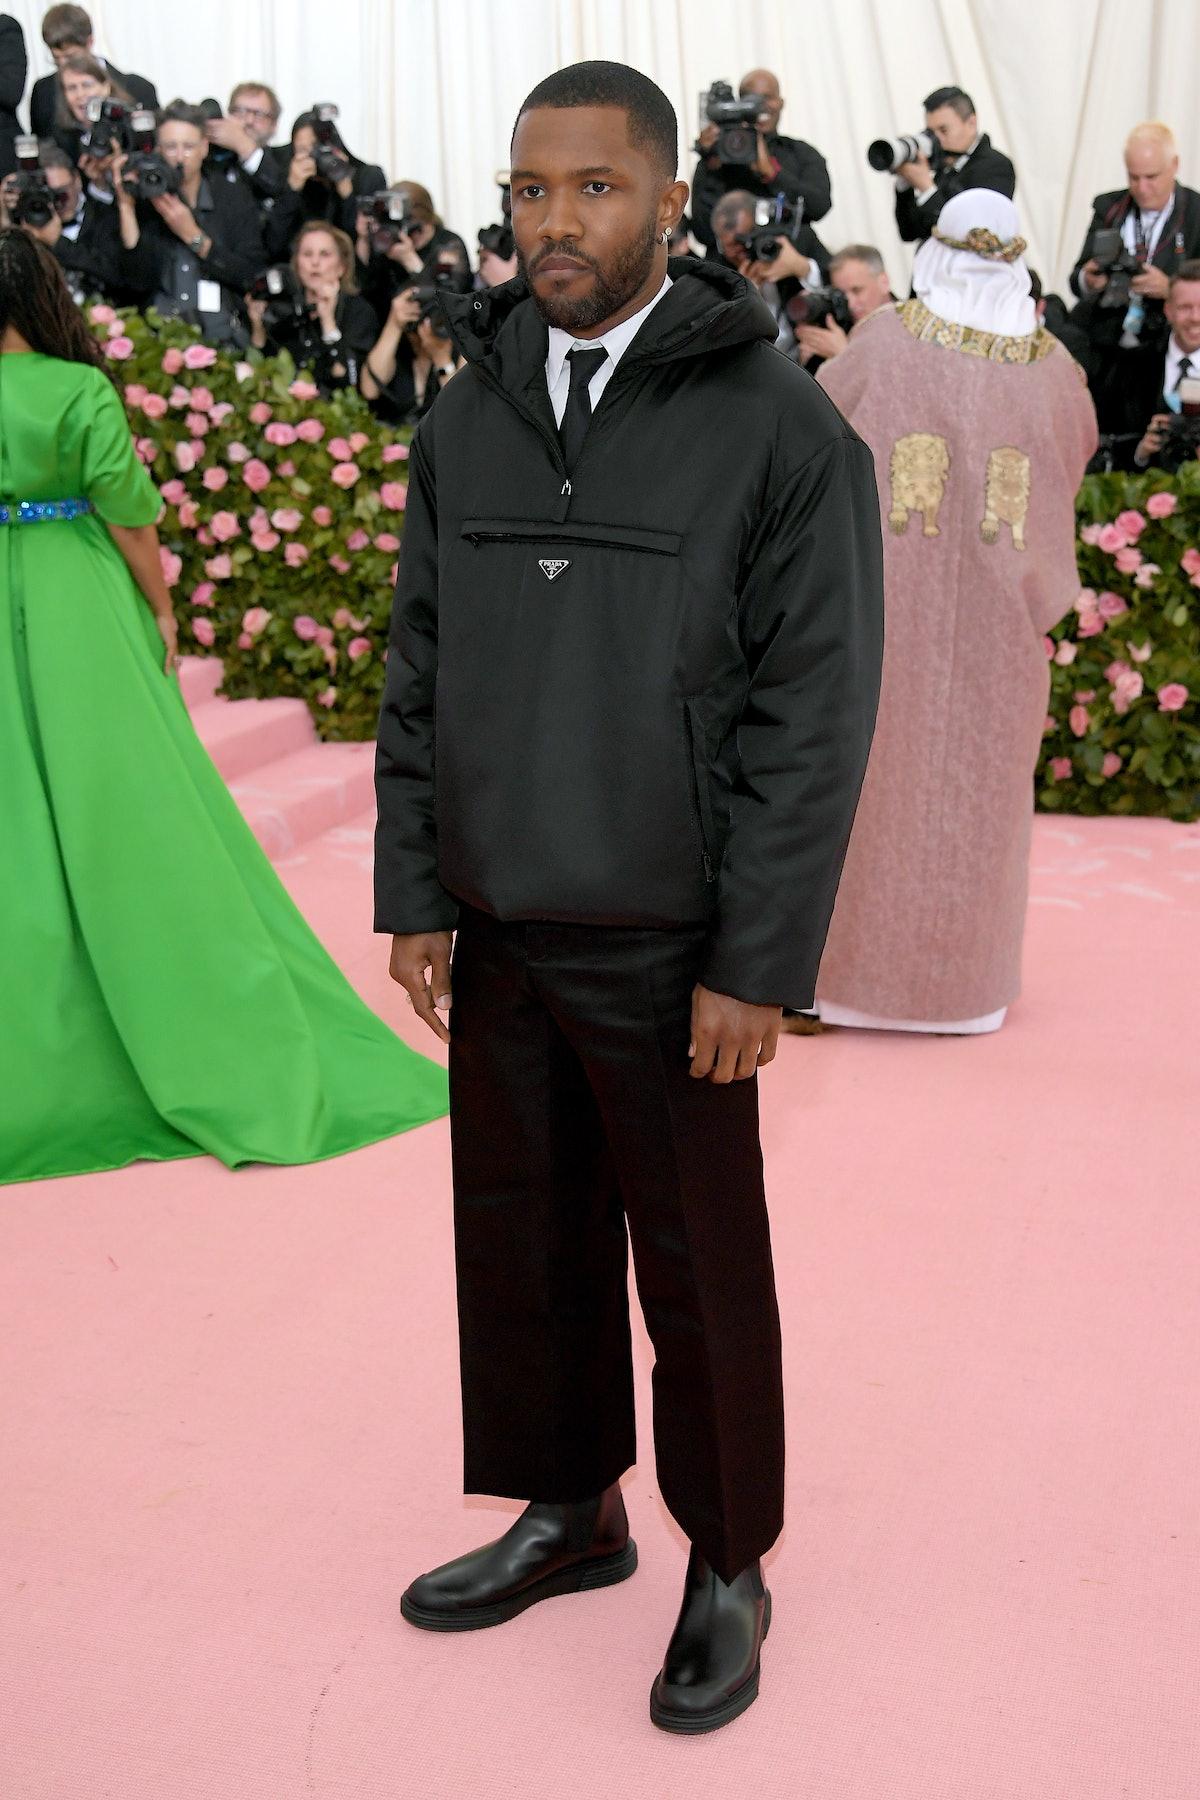 Frank Ocean attends the Met Gala.